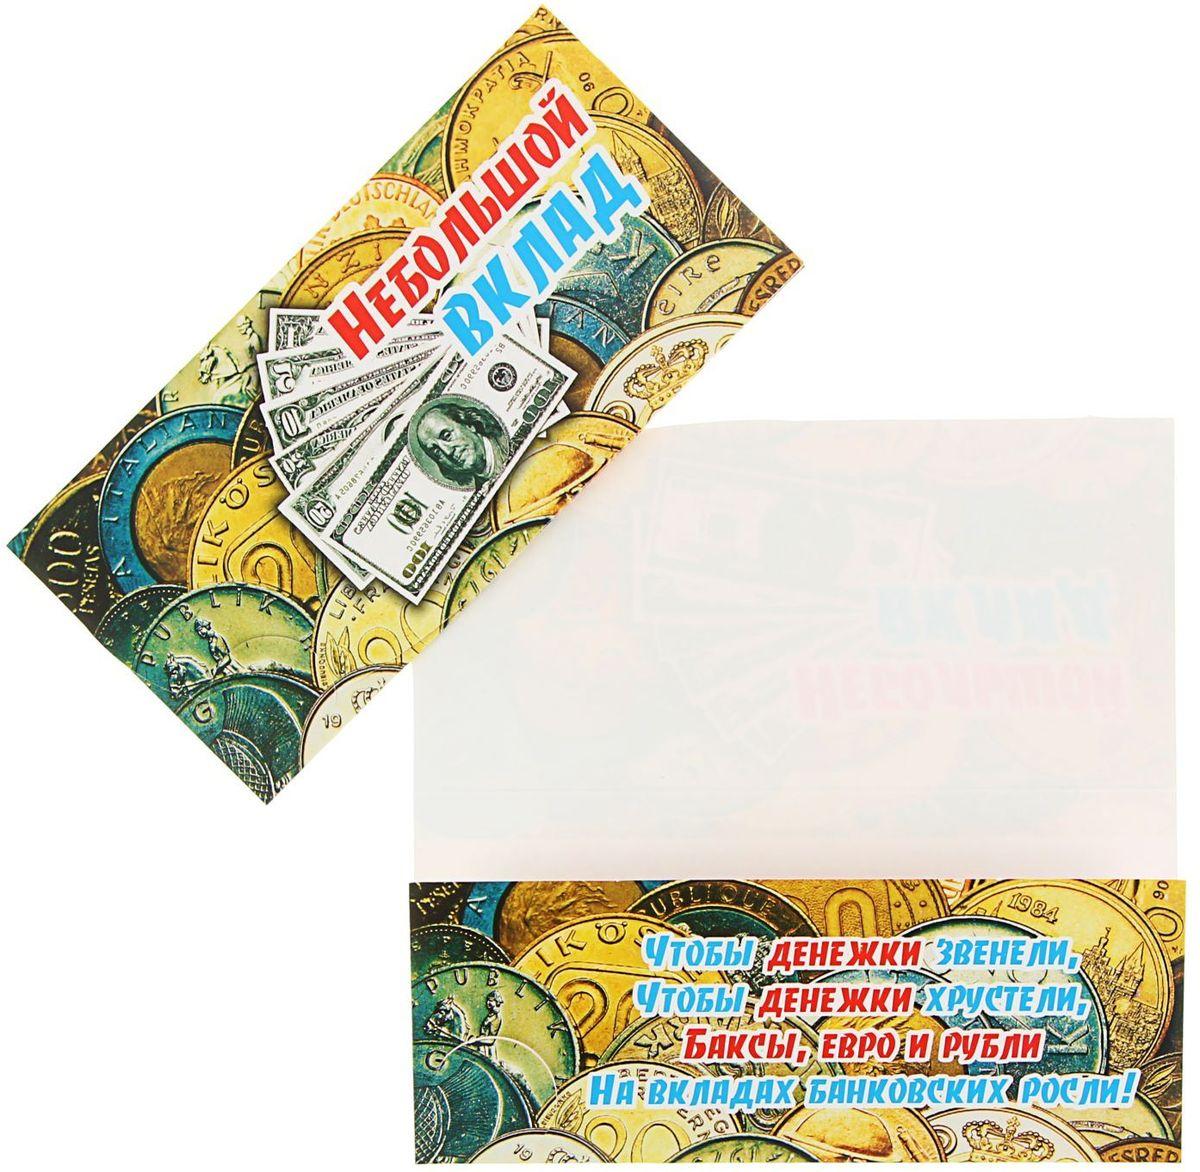 Конверт для денег Небольшой вклад. 667591BAO.17Конверт для денег Небольшой вклад изготовлен из плотного картона. Такой конверт прекрасно подойдет для вручения денежного подарка. Он украшен принтом с обеих сторон в виде купюры в 100 евро. Конверт для денег Небольшой вклад - поможет оформить ваш подарок!